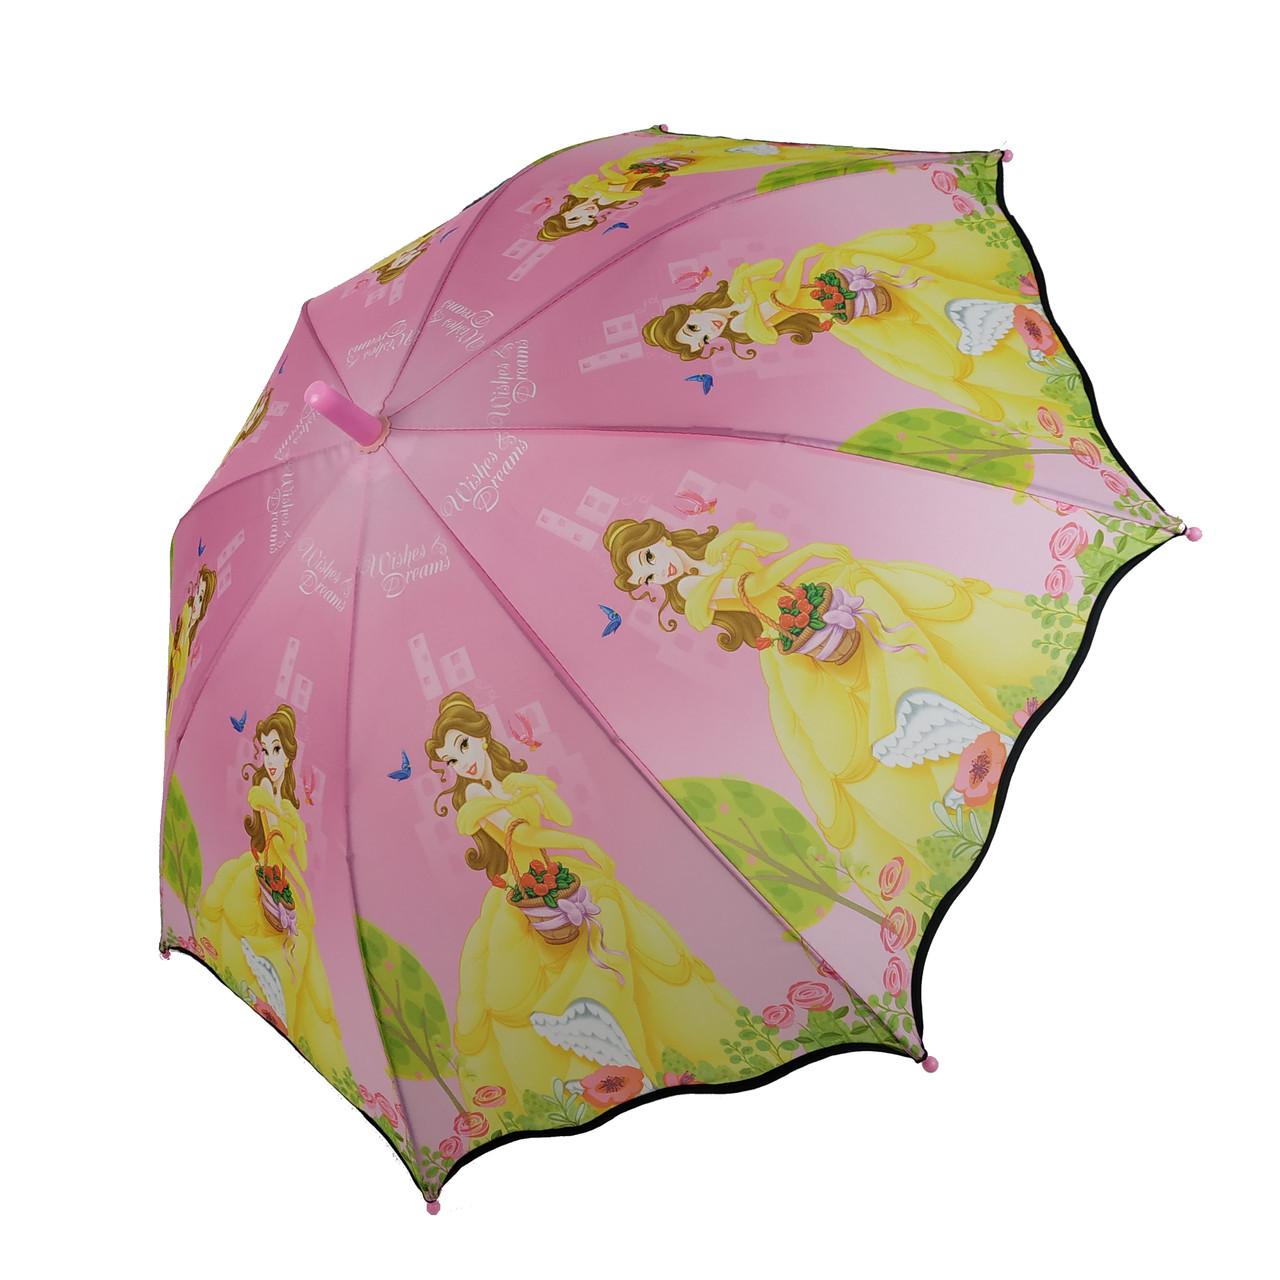 """Детский зонт-полуавтомат Paolo Rosi """"Спящая красавица"""" розовый цвет, N007-8"""